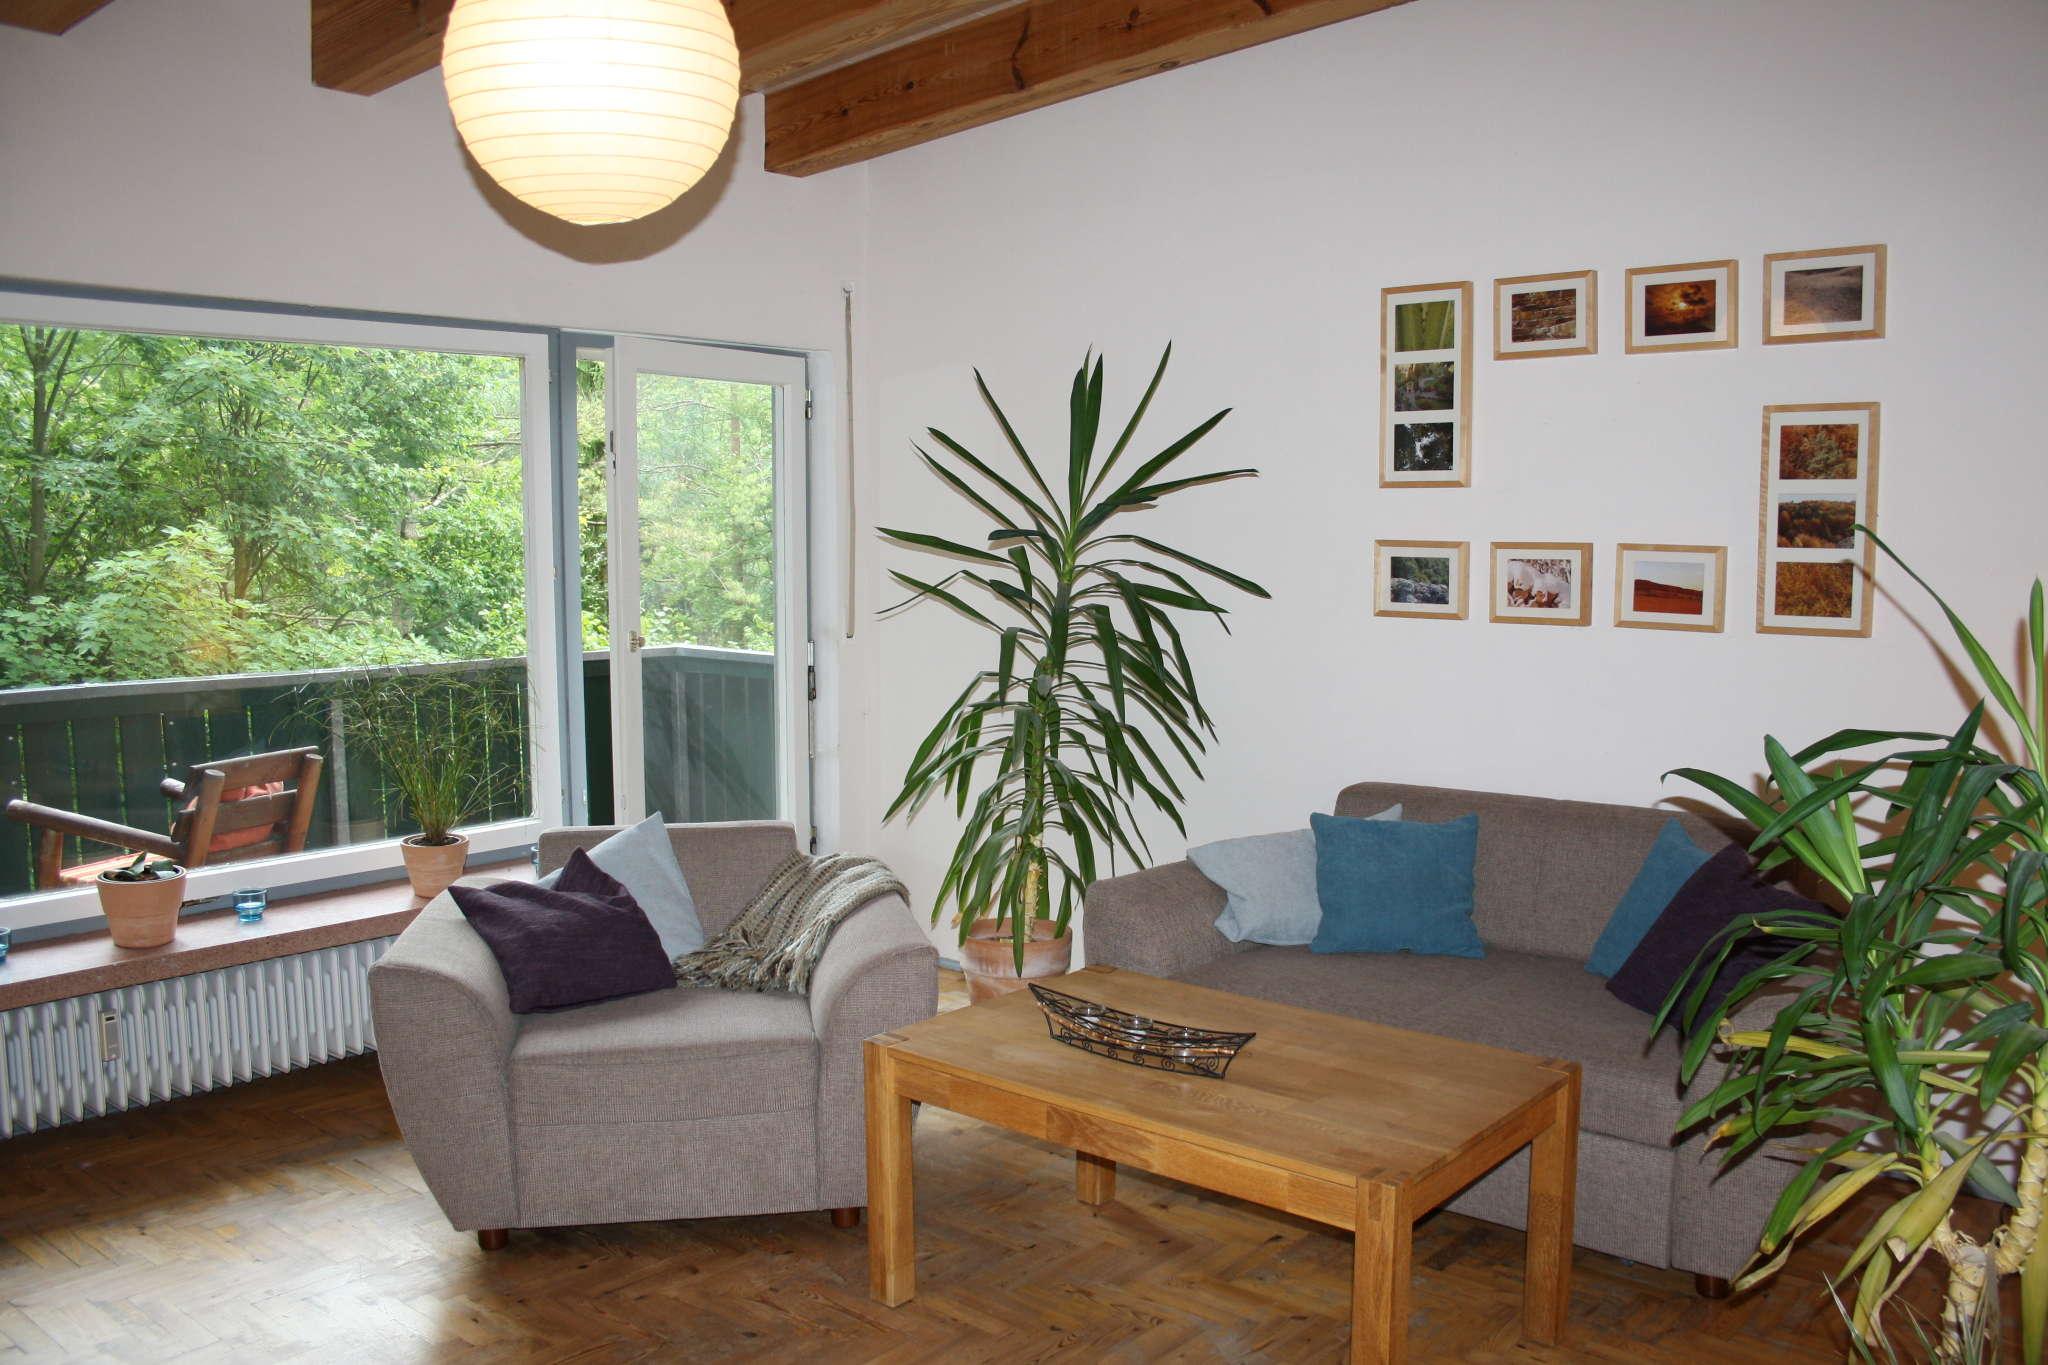 Wohnzimmer mit Balkonzugang, Schlafcouch